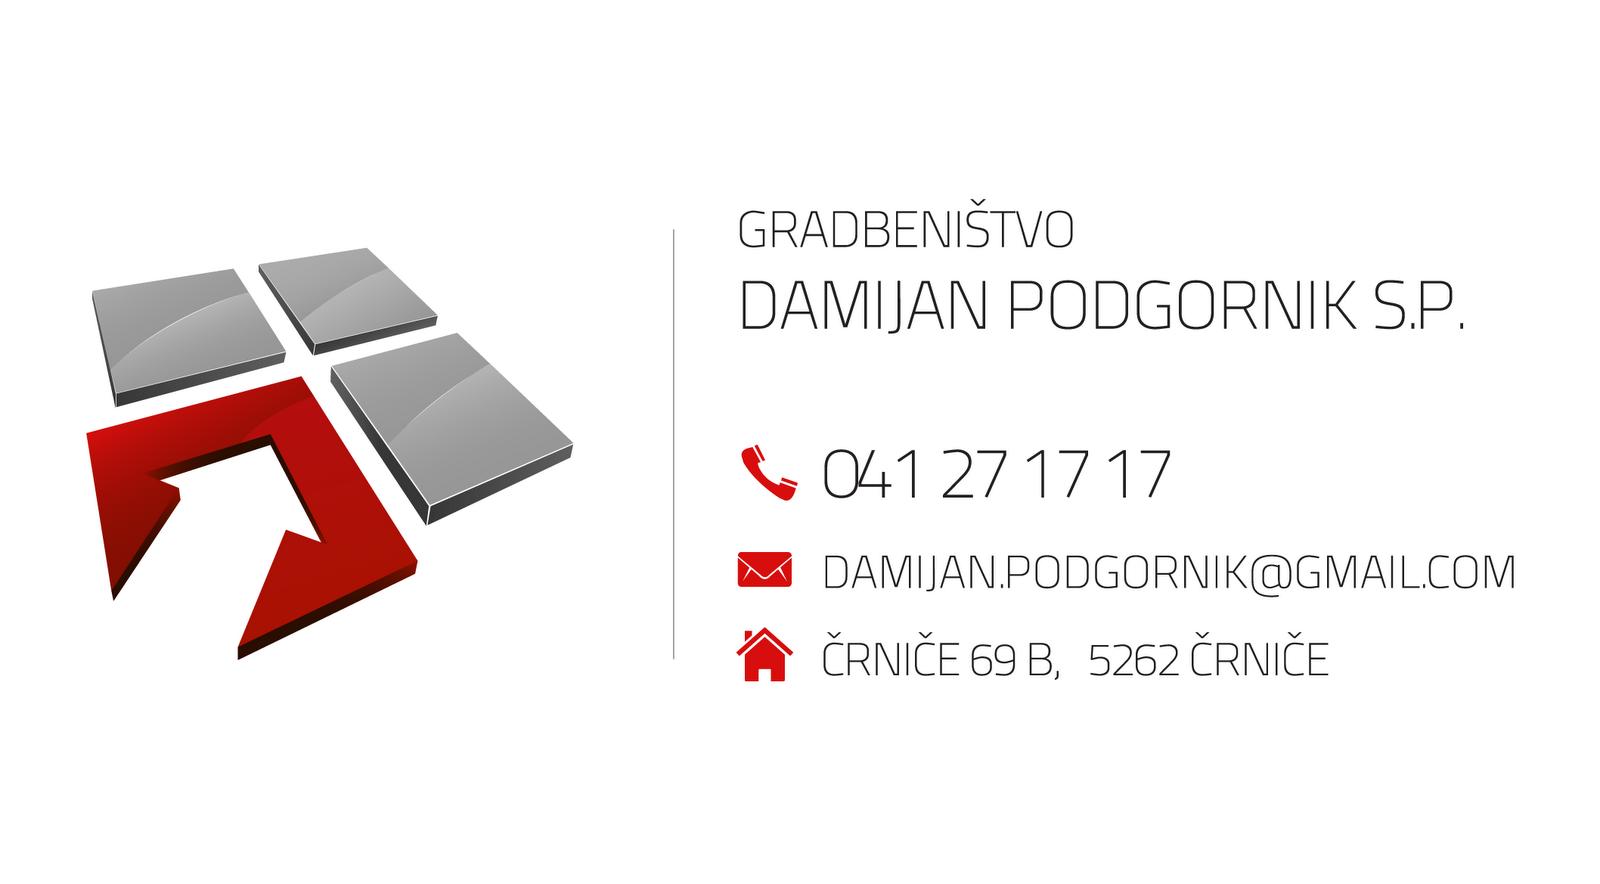 Business card for Damijan Podgornik v2